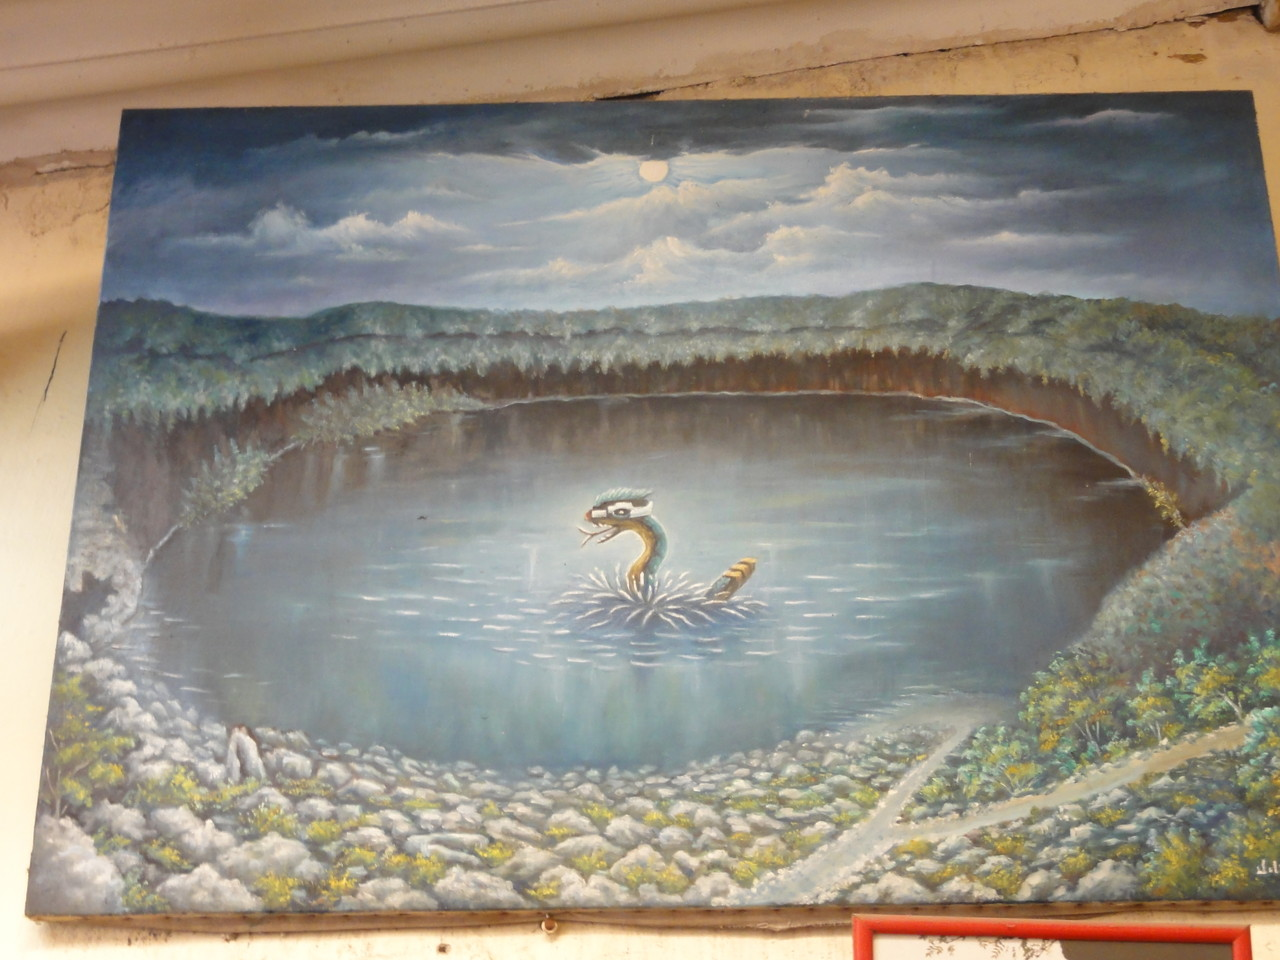 ... the dragón water monster / el mónstruo dragón de las aguas